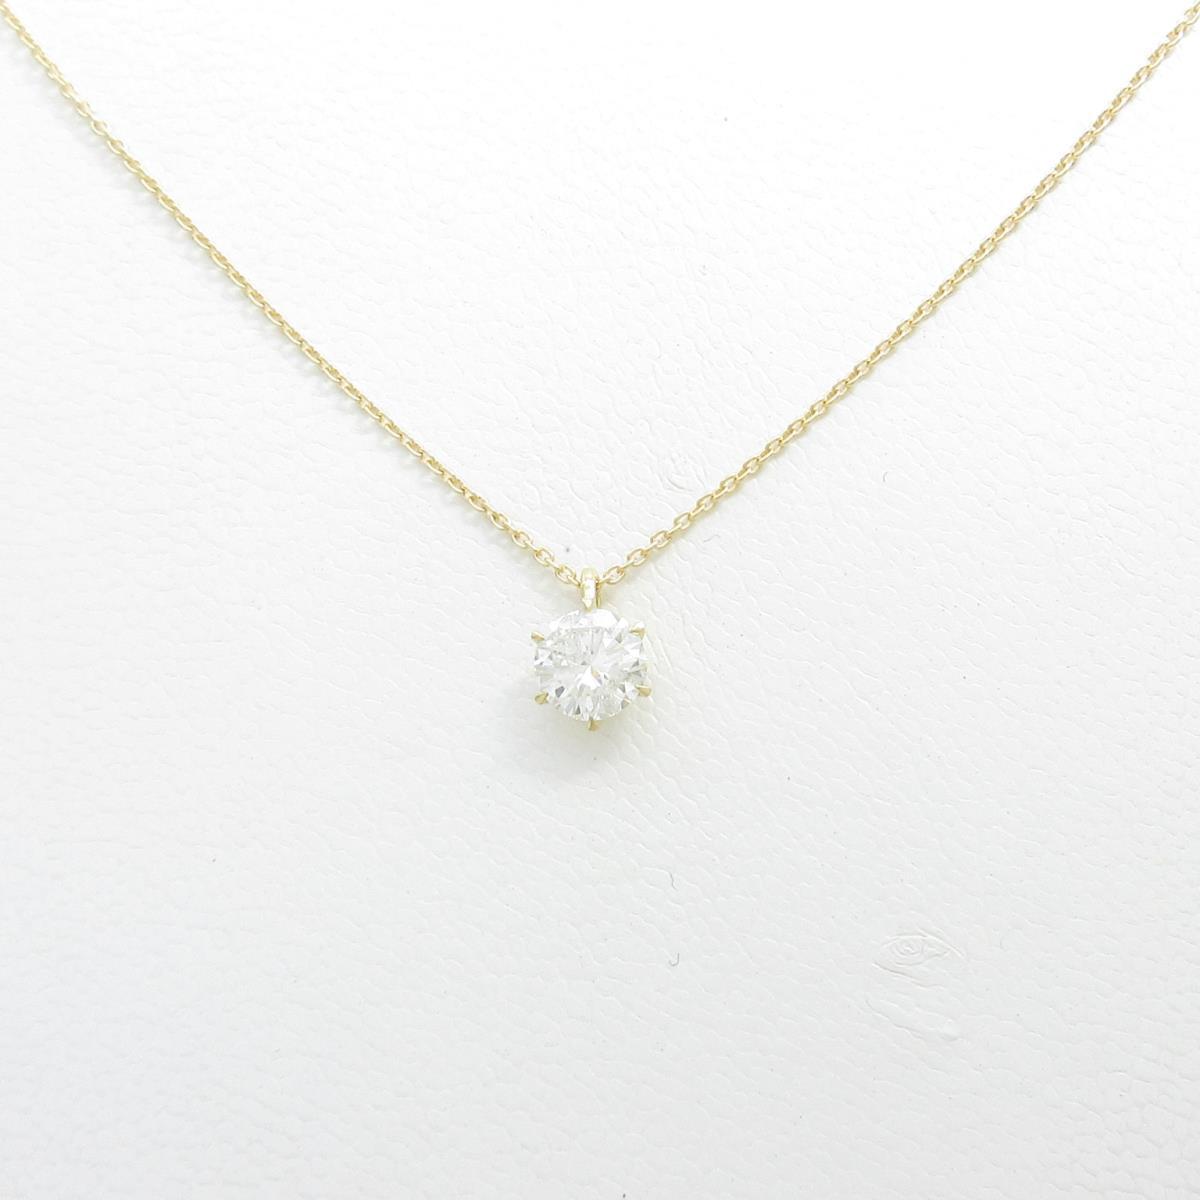 【リメイク】K18YG ダイヤモンドネックレス 0.525ct・H・I1・G【中古】